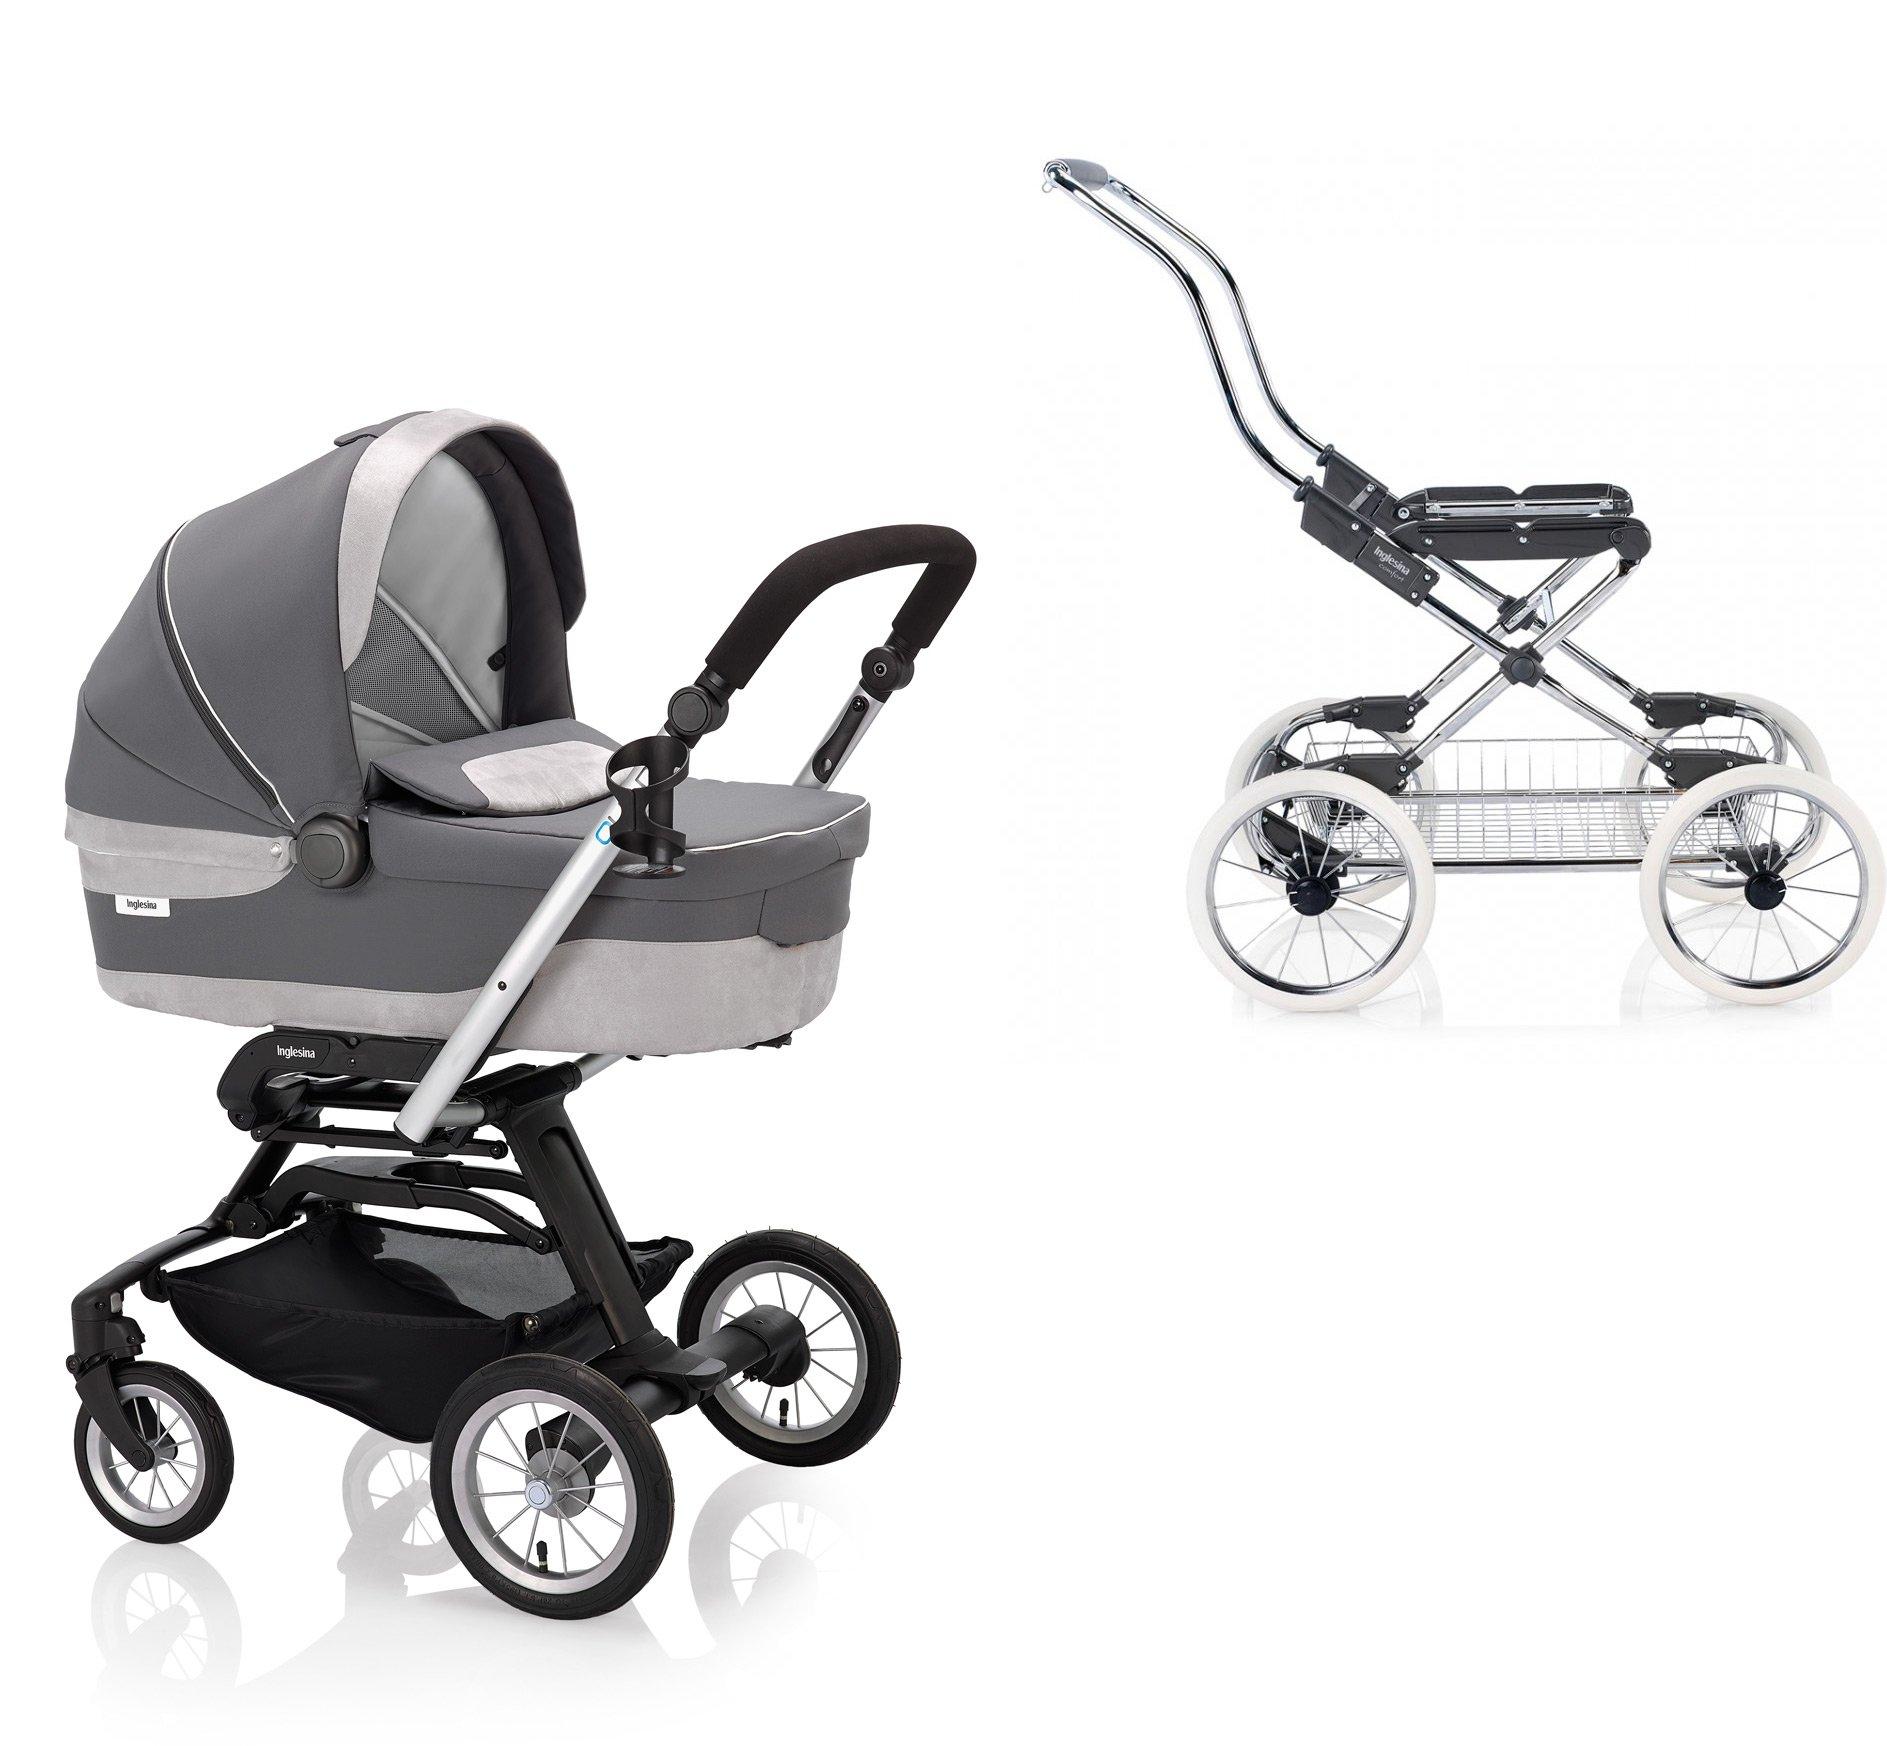 Современные детские коляски – функциональность и комфорт